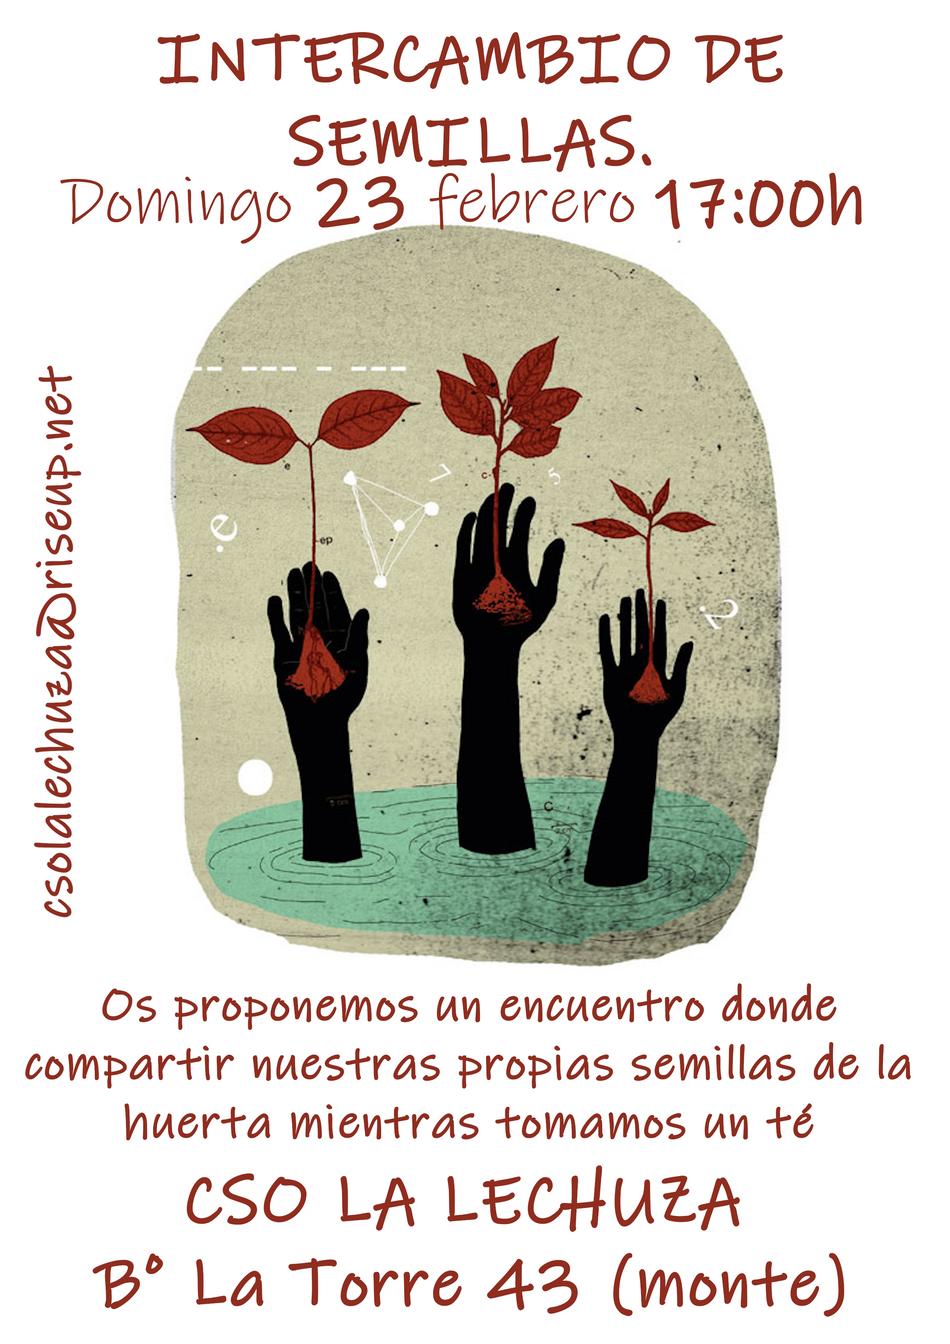 Encuentro de semillas 23 Febrero